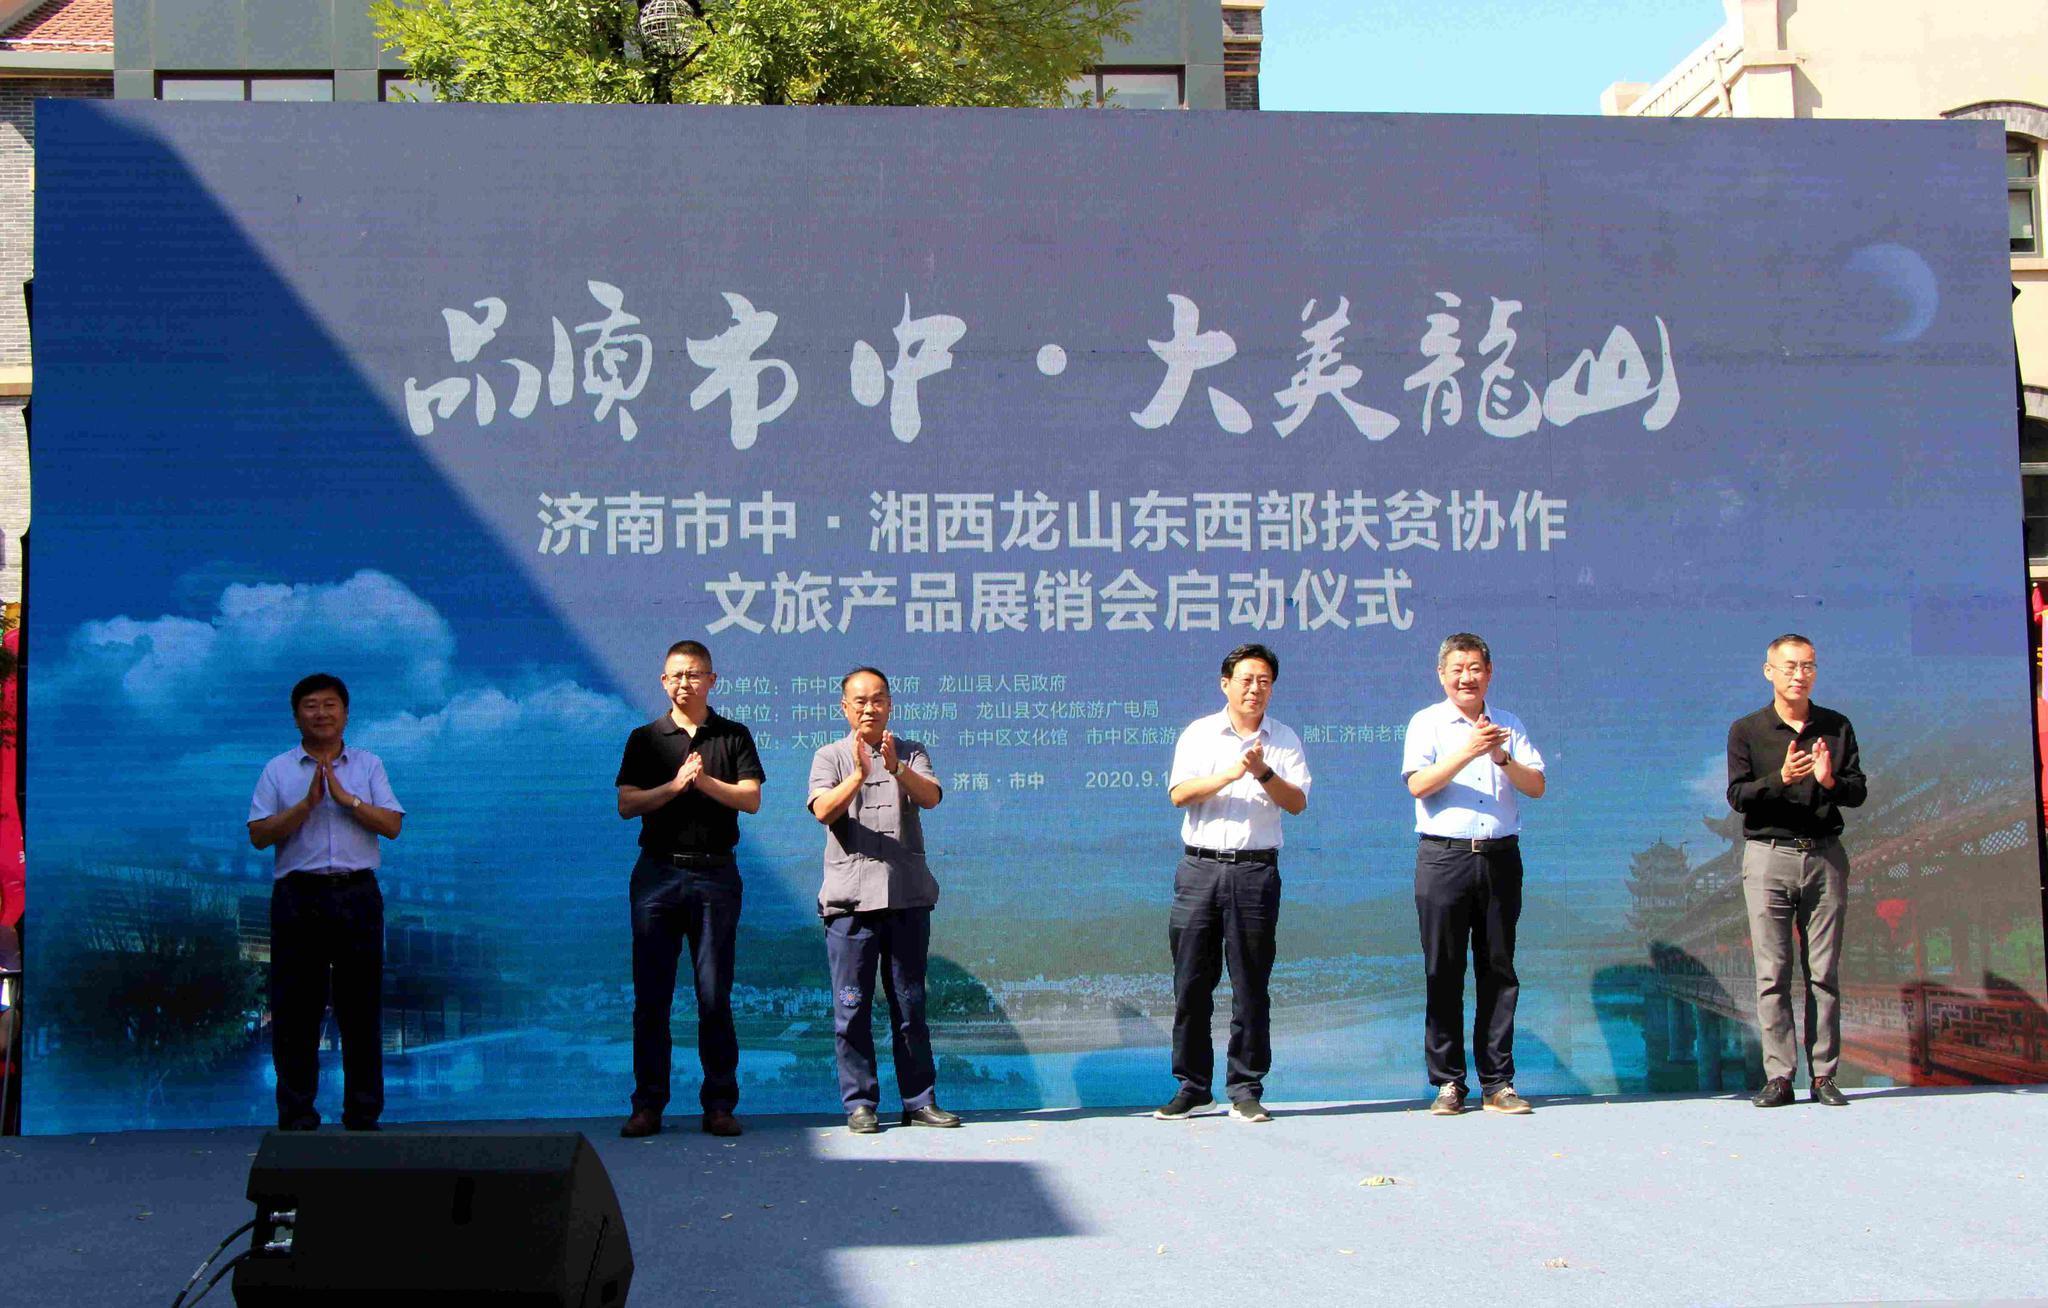 济南市中-湘西龙山东西部扶贫协作文旅产品展销会正式开幕